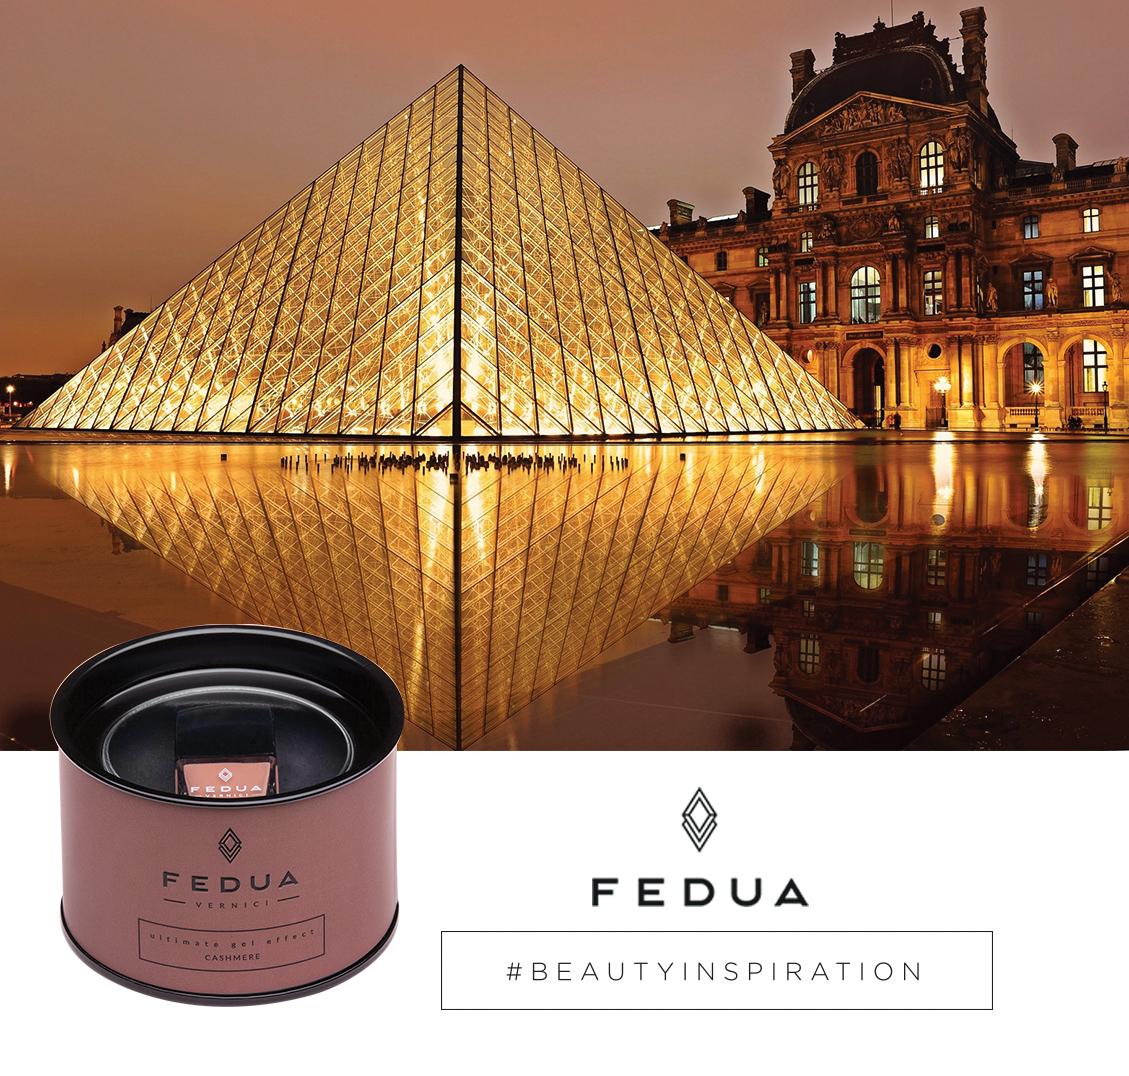 Fedua, la marca italiana de esmaltes de alta moda, llega al país con ...